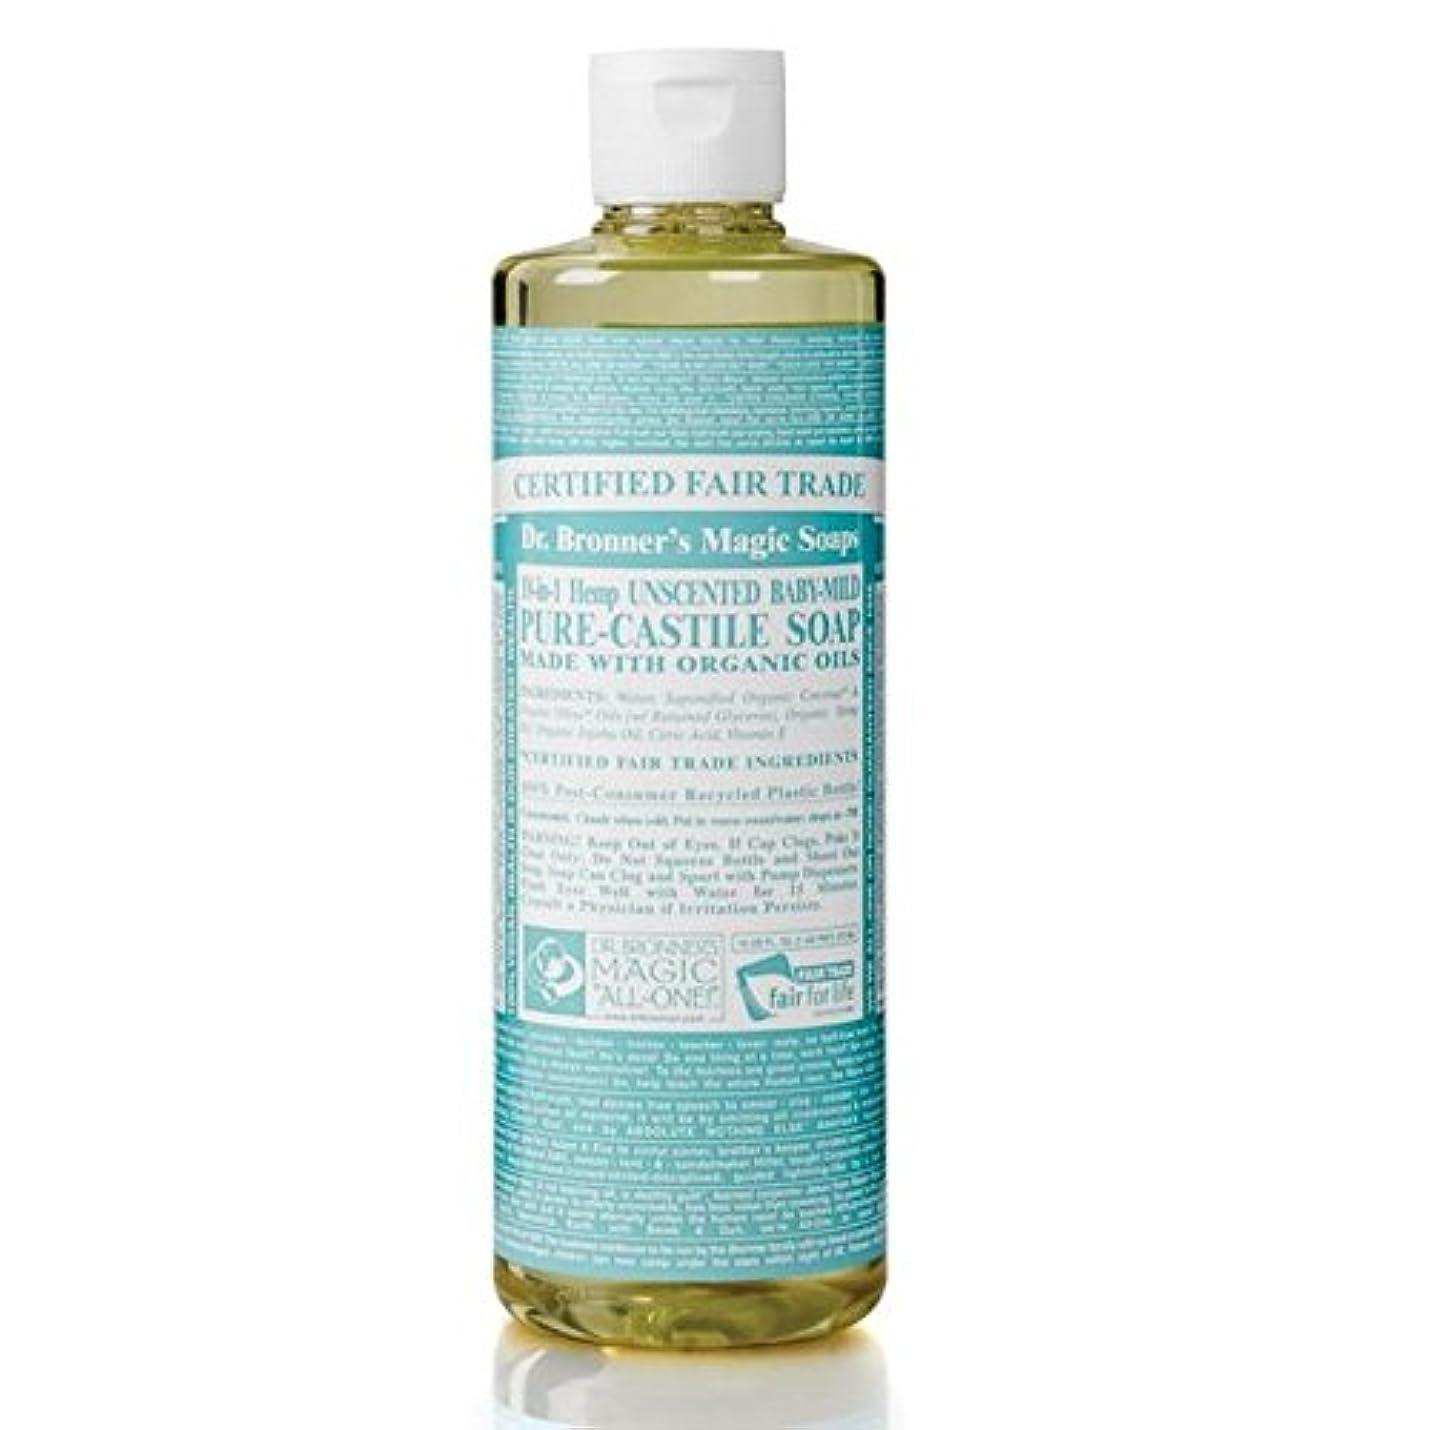 プロフィール重さゲートDr Bronner Organic Baby Mild Castile Liquid Soap 473ml - のブロナーオーガニックベビーマイルドなカスティーリャ液体石鹸473ミリリットル [並行輸入品]